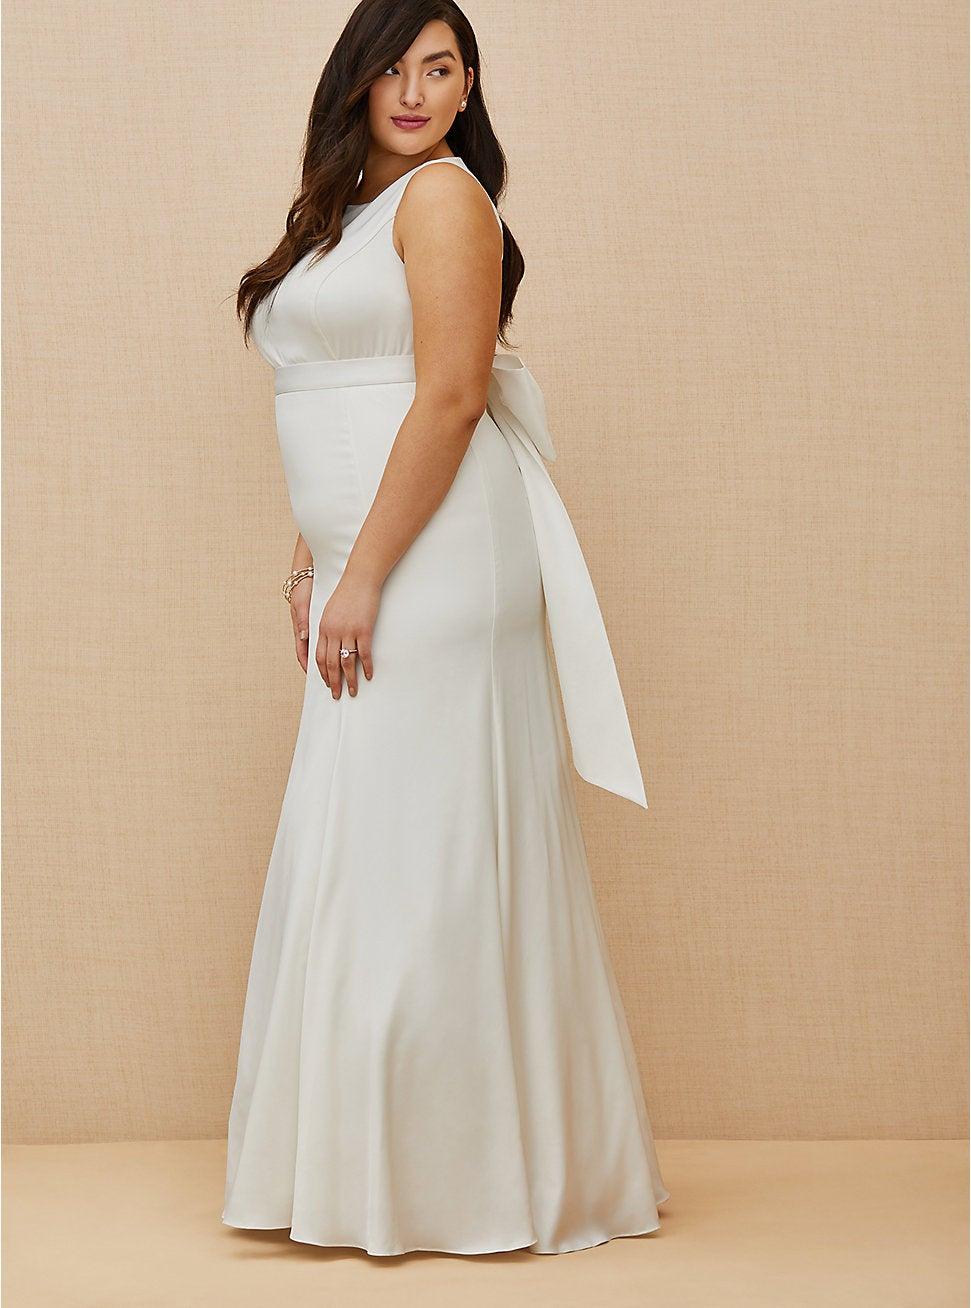 Ivory Satin Bow Back Mermaid Wedding Dress